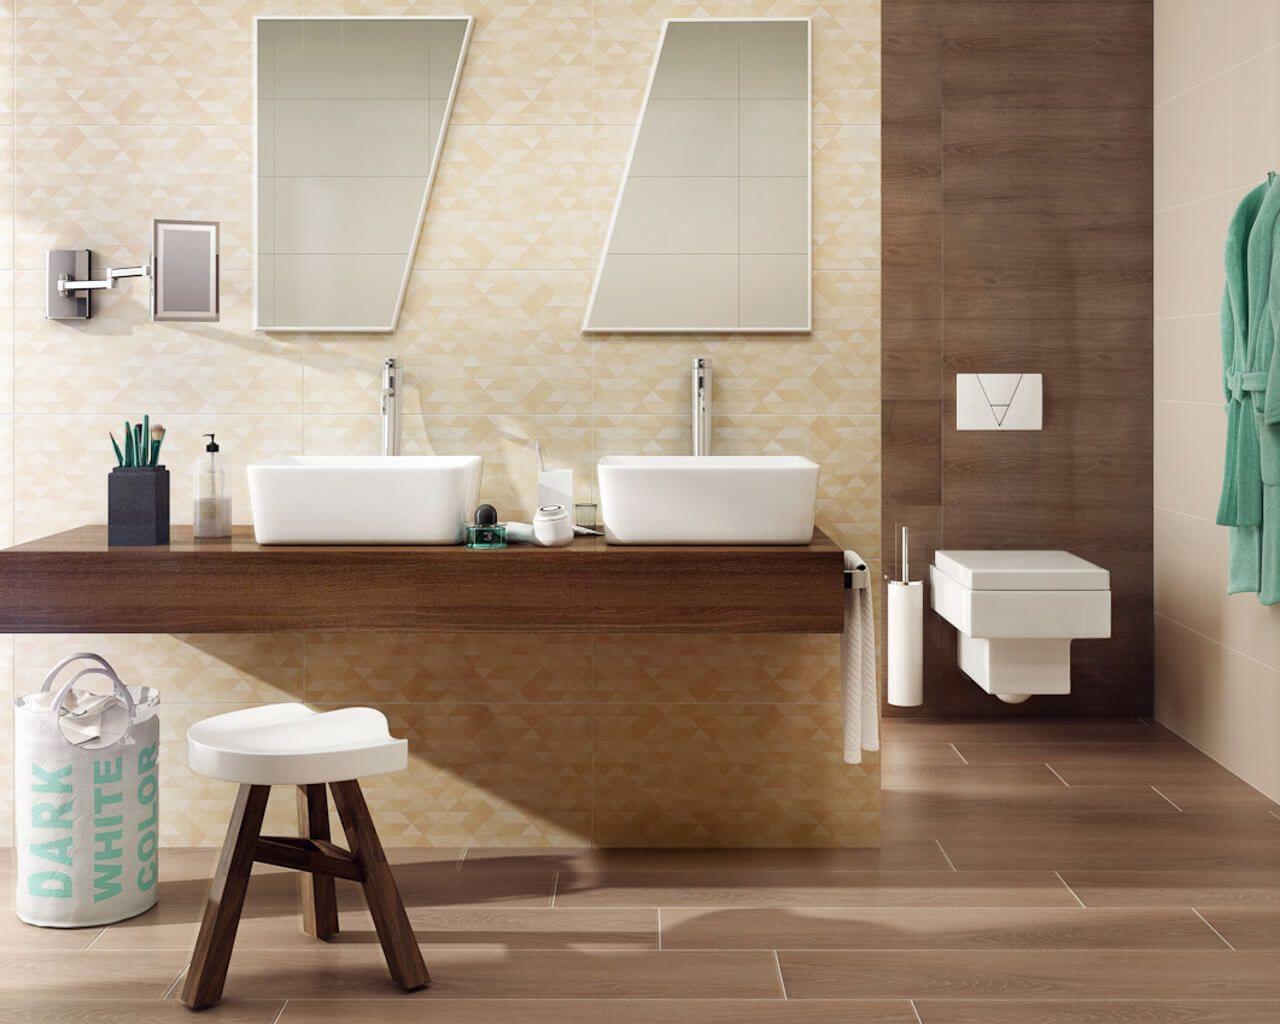 Lustro Do łazienki 10 Oryginalnych Pomysłów Na Jego